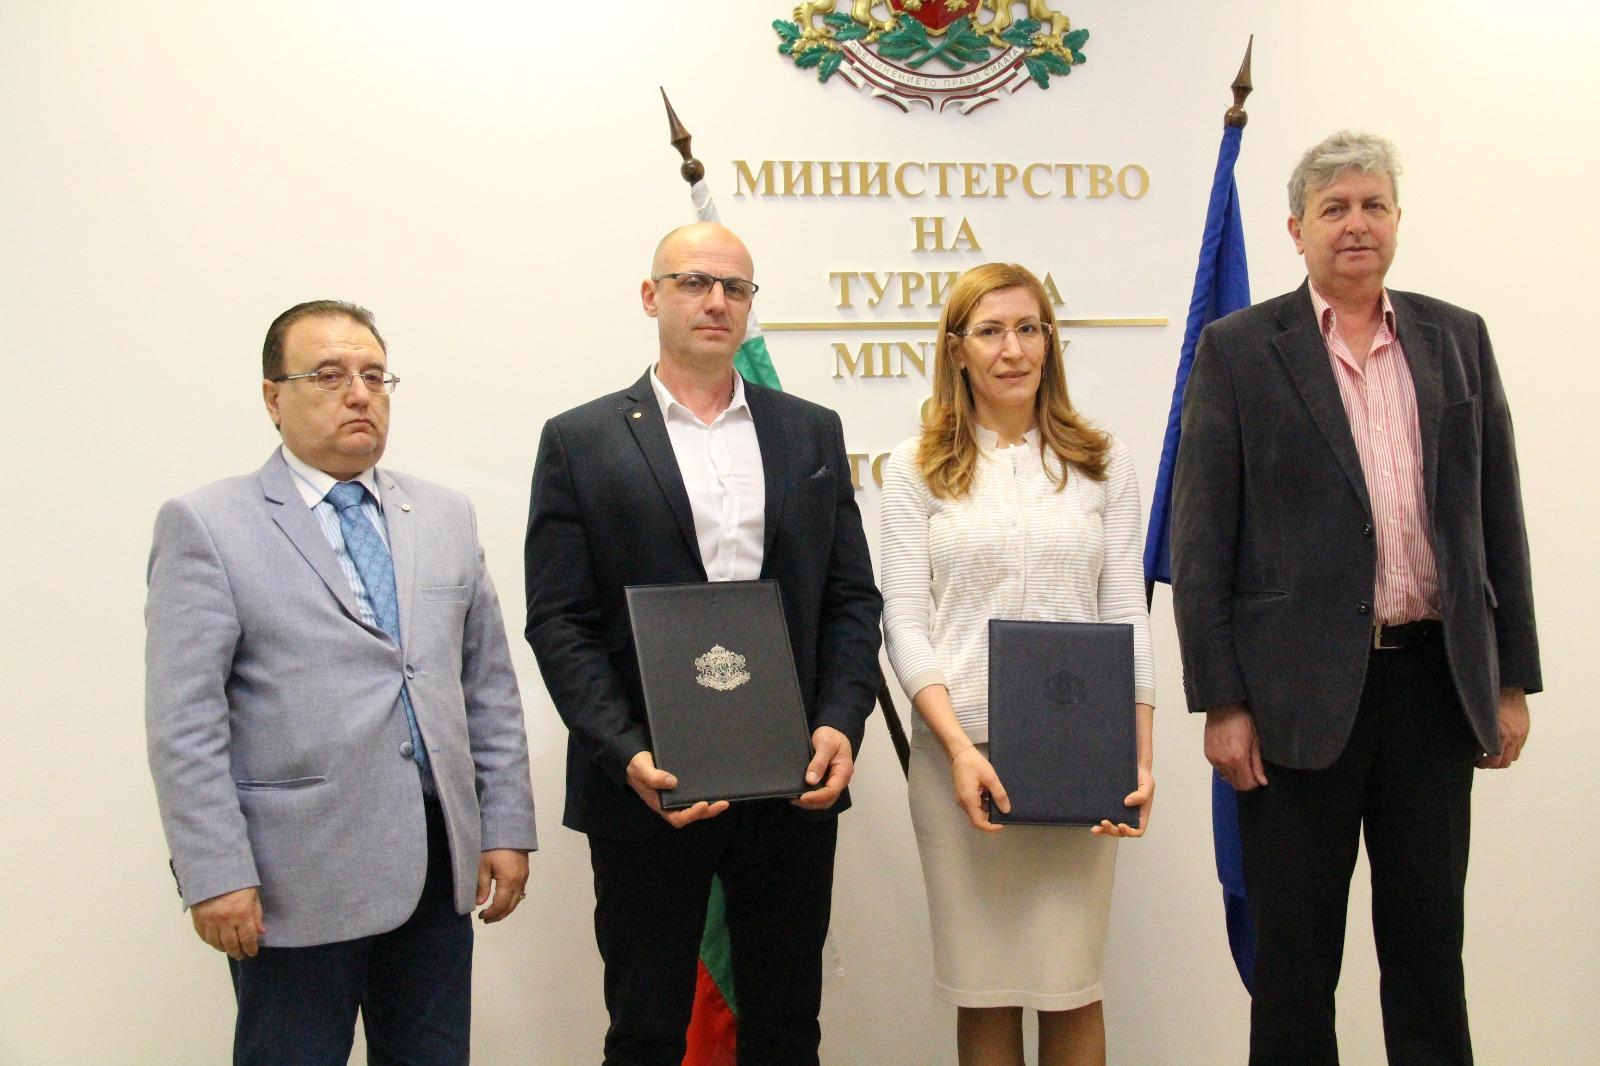 Министър Ангелкова и ръководството на БХРА подписаха споразумение за партньорство